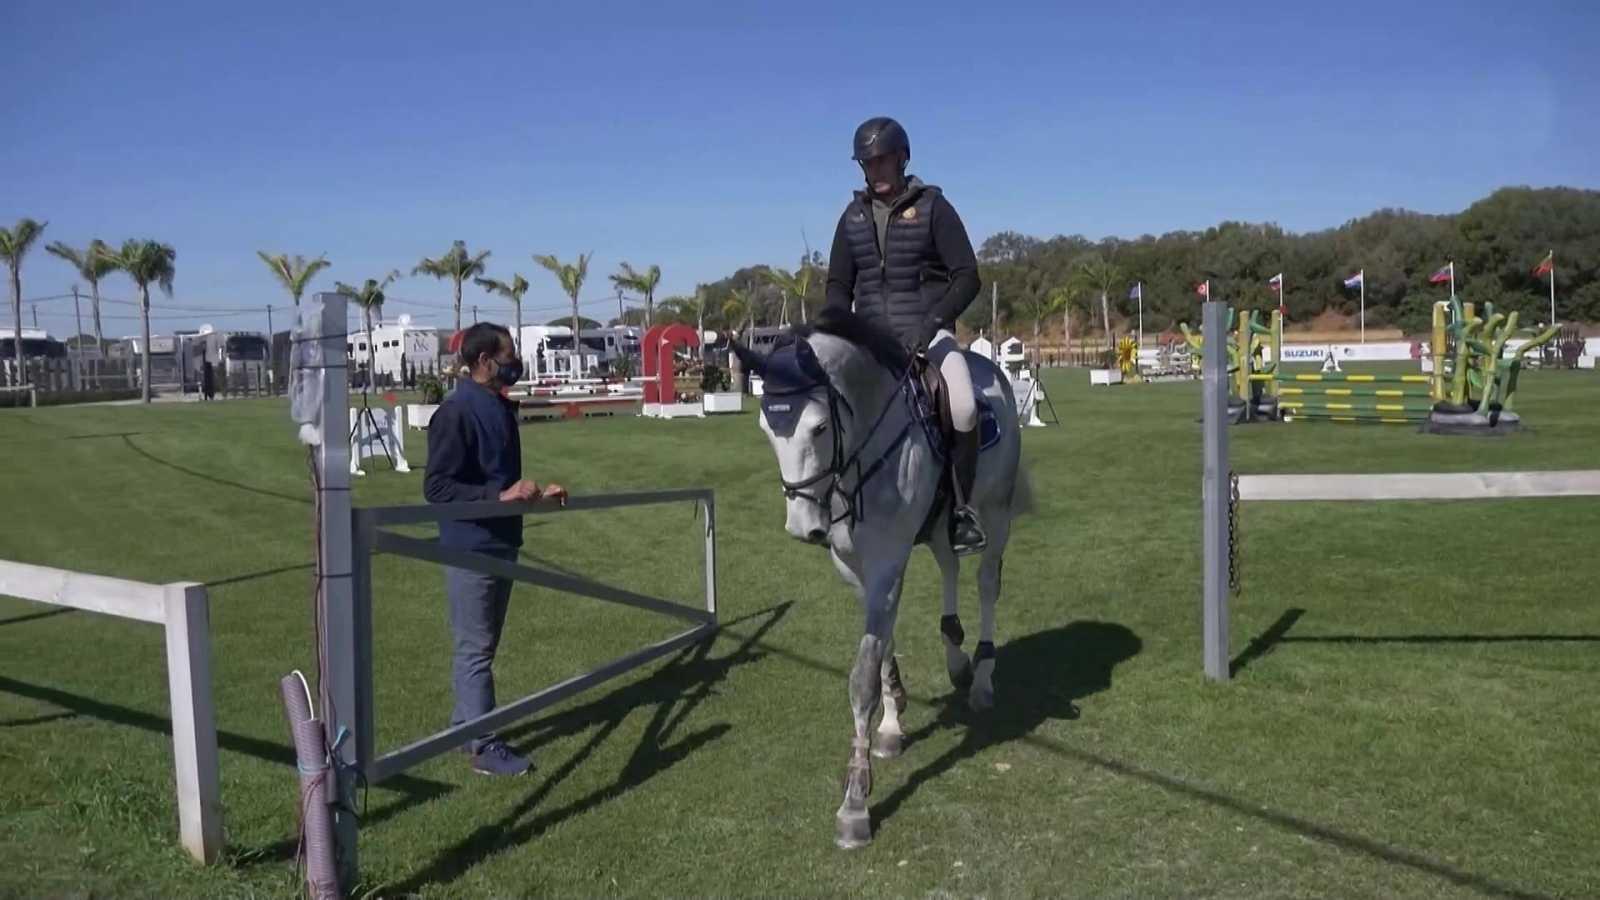 Hípica - Concurso de Saltos Circuito del Sol. Resumen - 04/03/21 - ver ahora